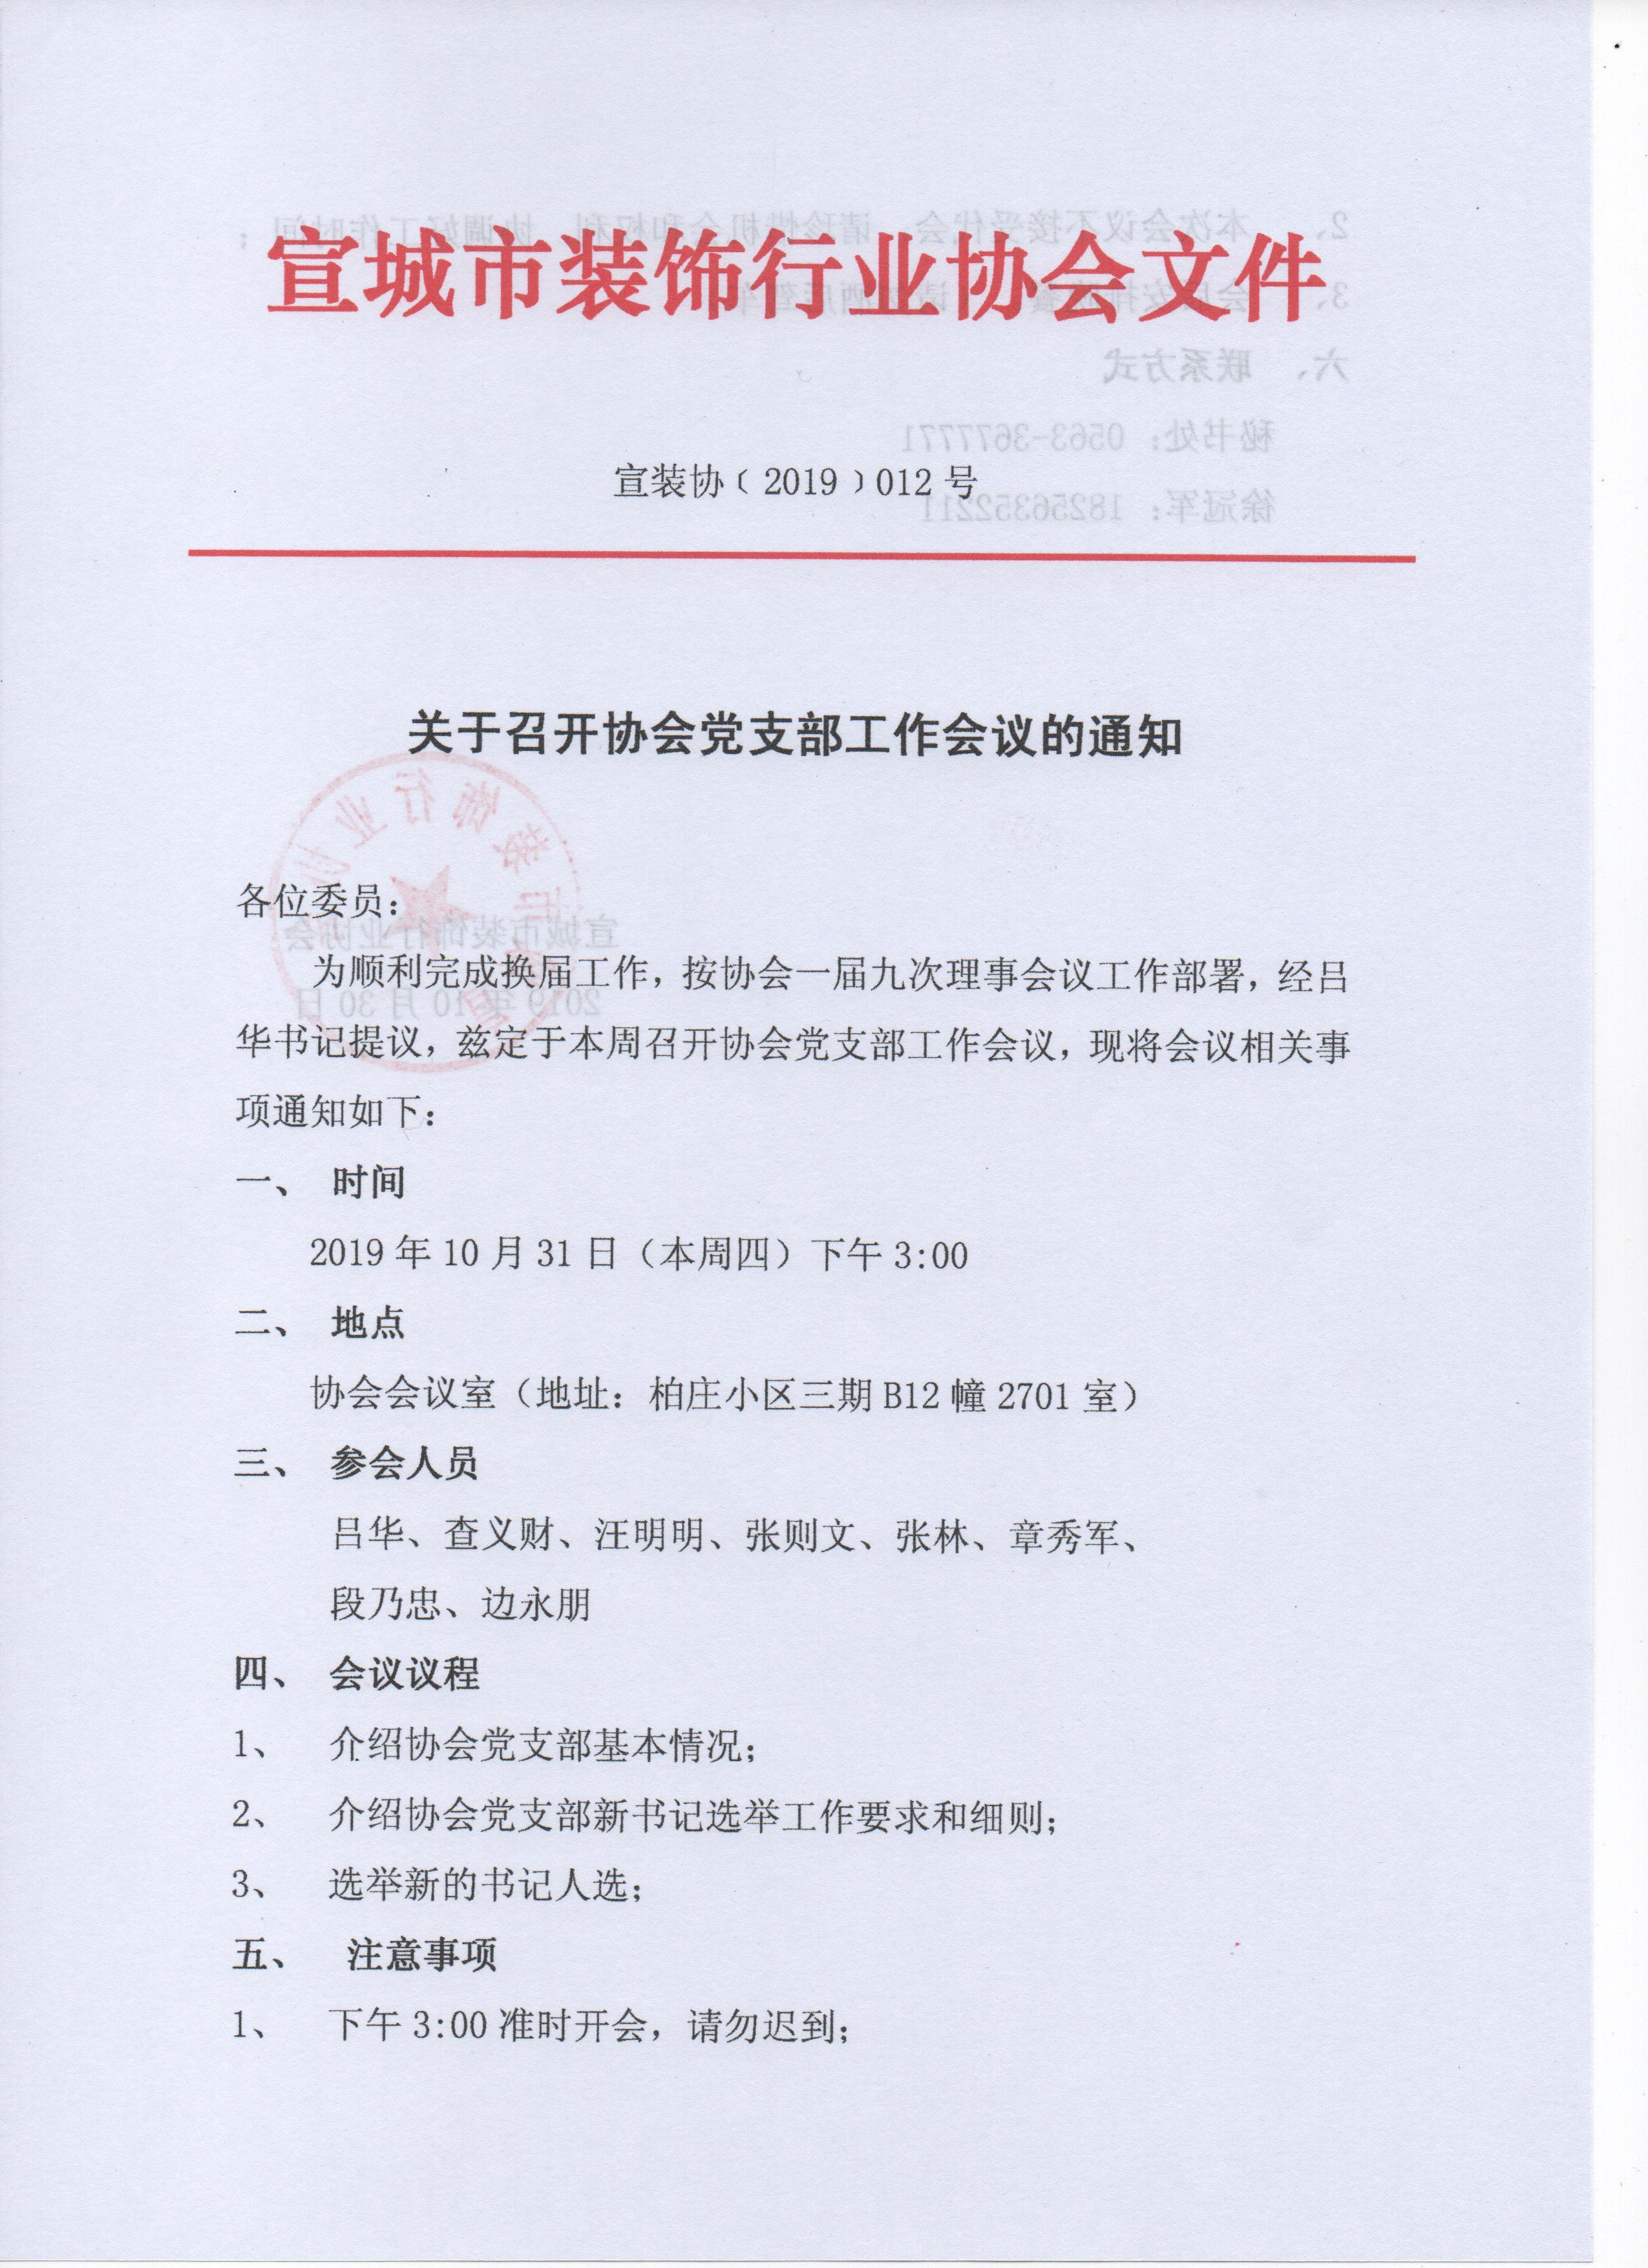 关于召开协会党支部工作会议的通知1